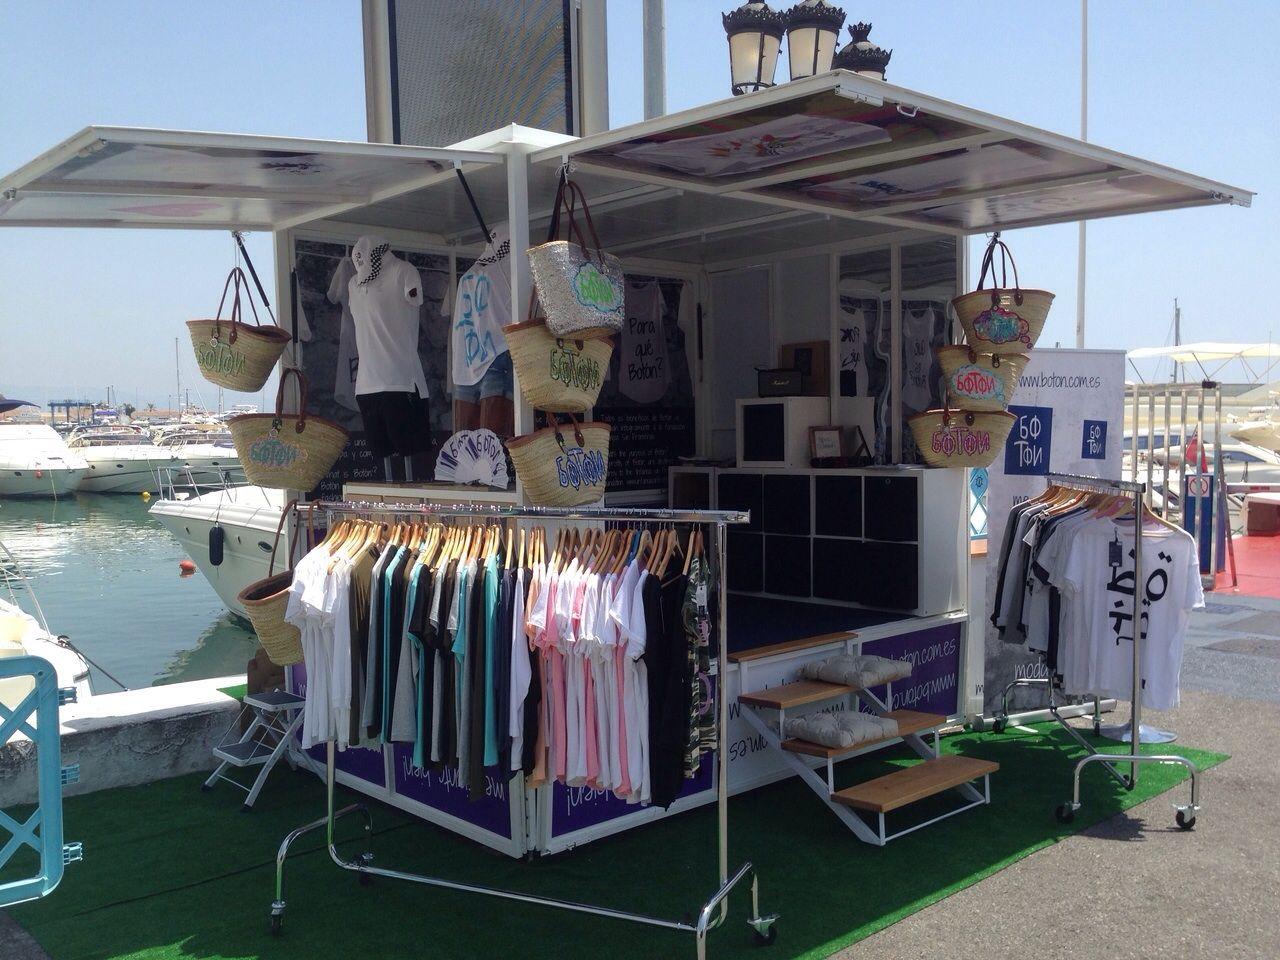 ¿Estás cerca de Marbella? Porque Botón ya está allí.  El showroom itinerante de Botón ha llegado a Puerto Banús!! Ven y pruébate nuestra colección de #moda ética y solidaria más fresca: camisetas, gorras y nuestros exclusivos capazos, ideales para la #playa Te esperamos de 12:00 a 14:00 horas y de 18:30 a 24:00 horas!